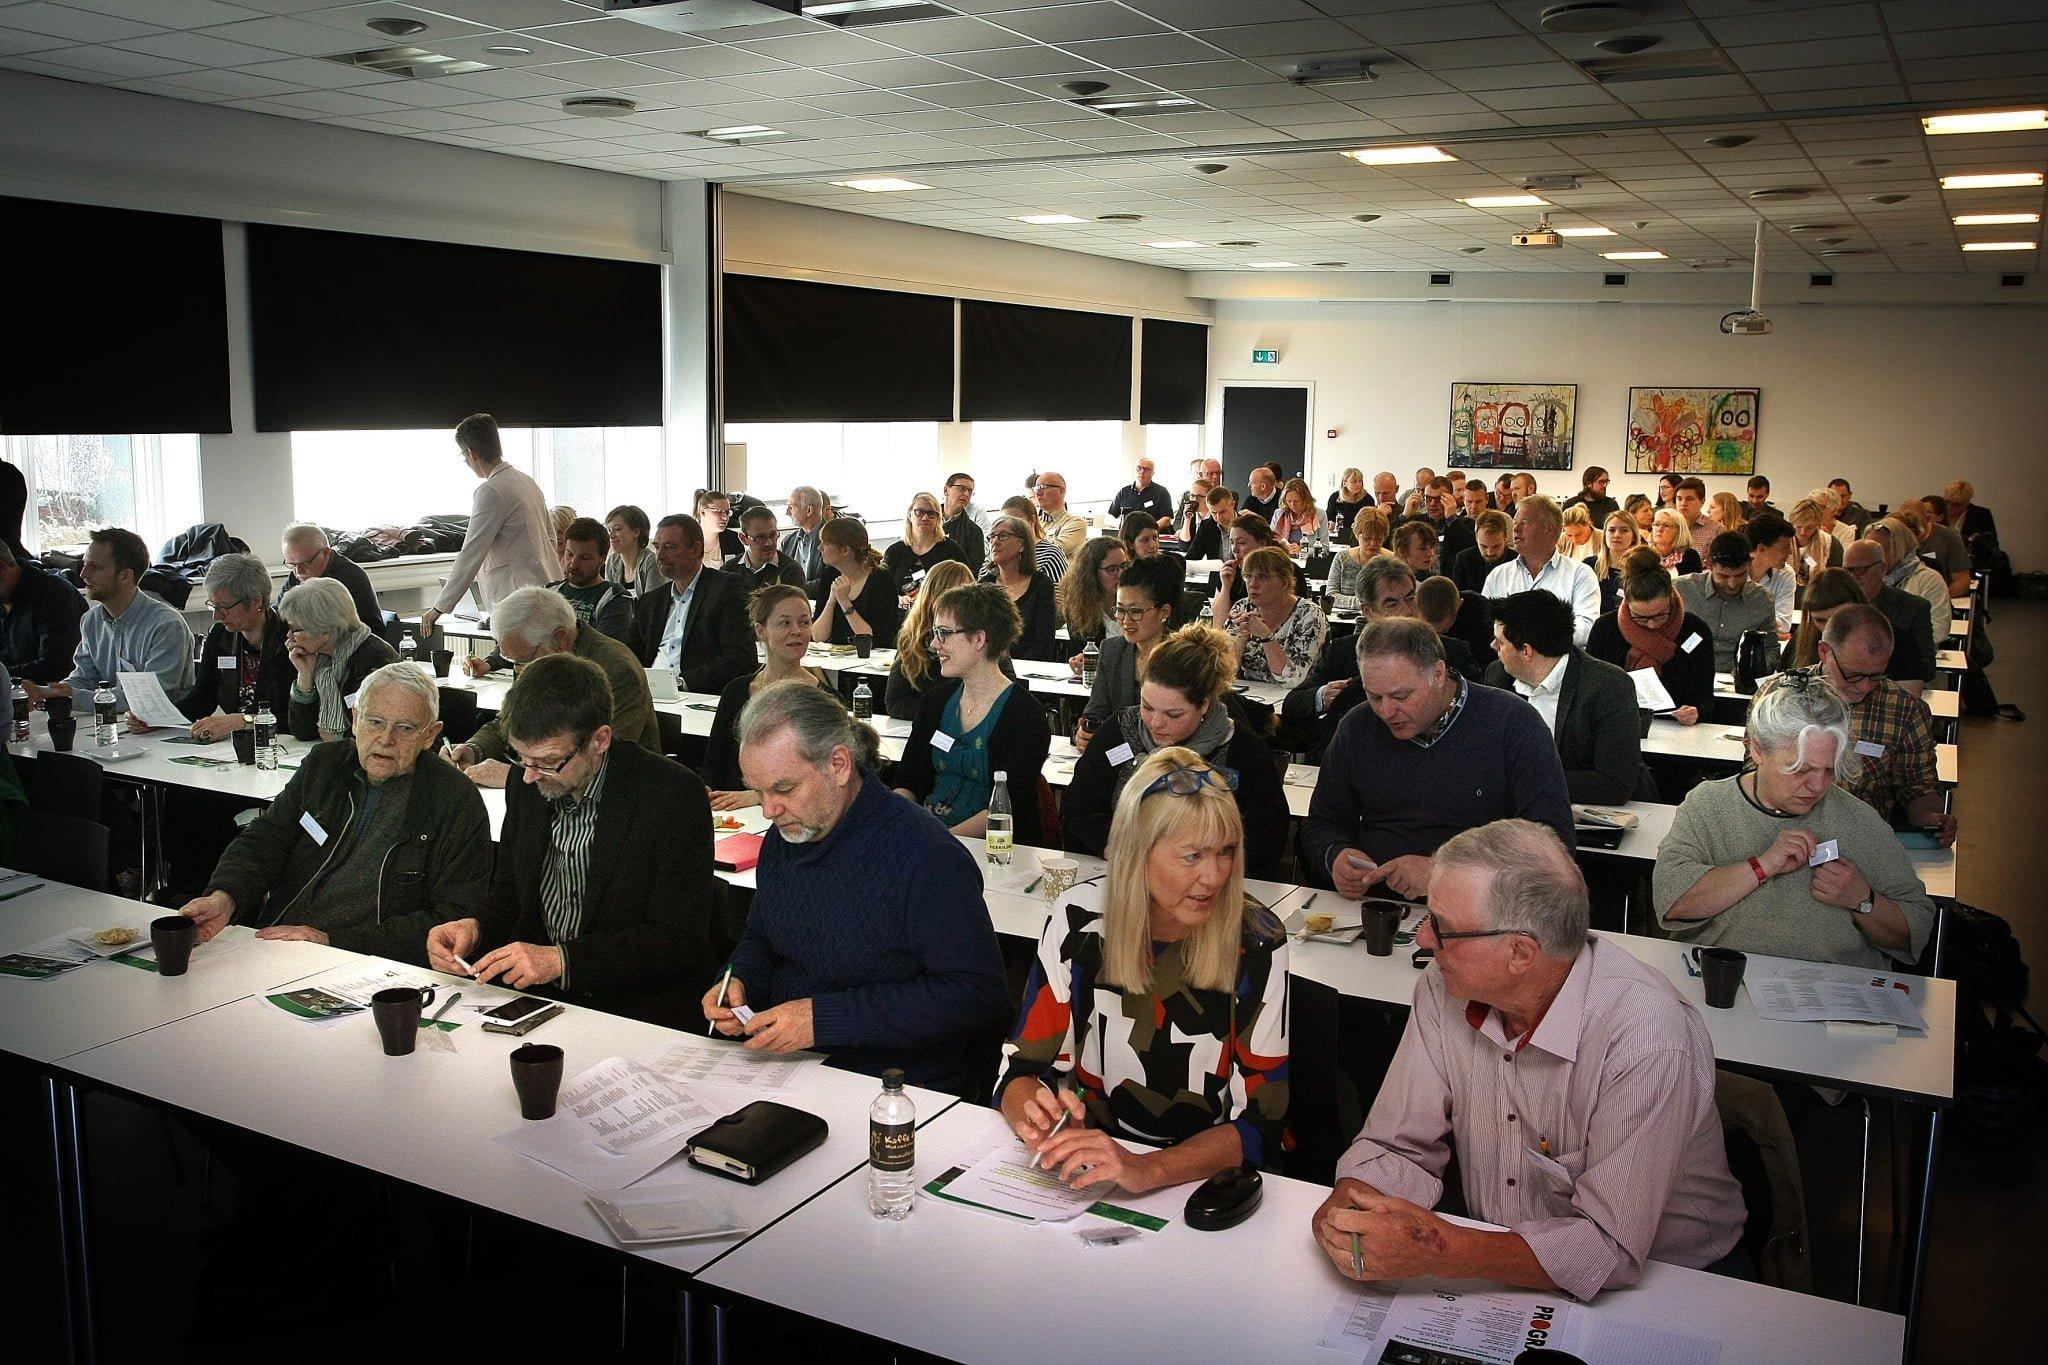 Konference 21 himmerland